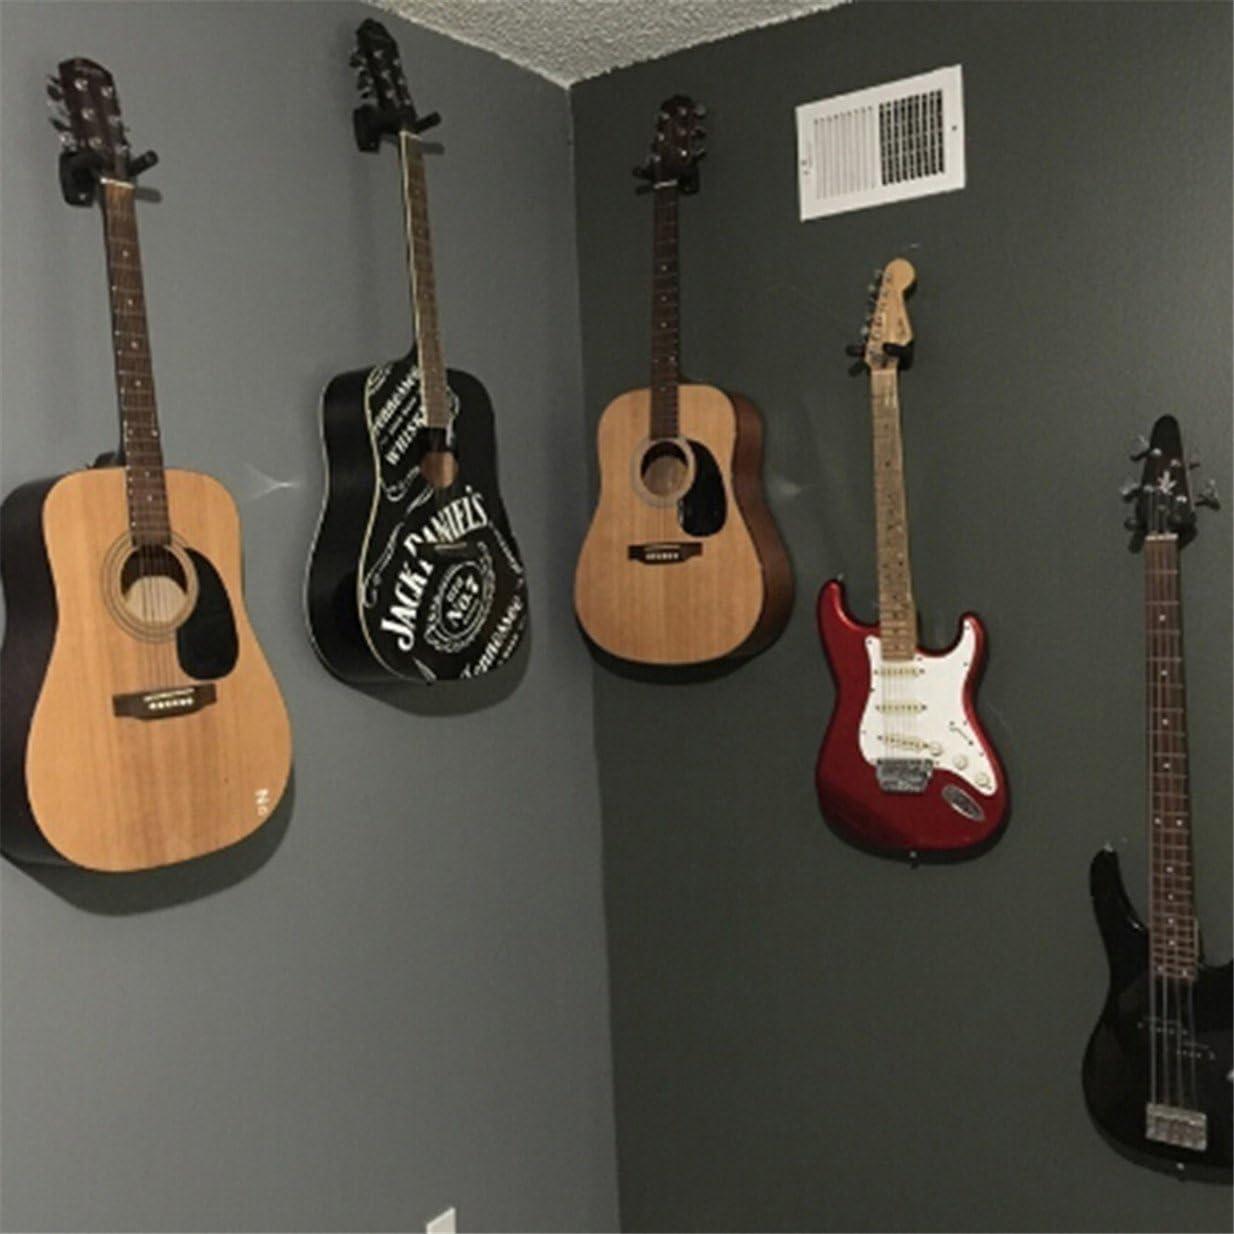 lalang Guitarra soporte soporte para guitarra pared guitarra ...